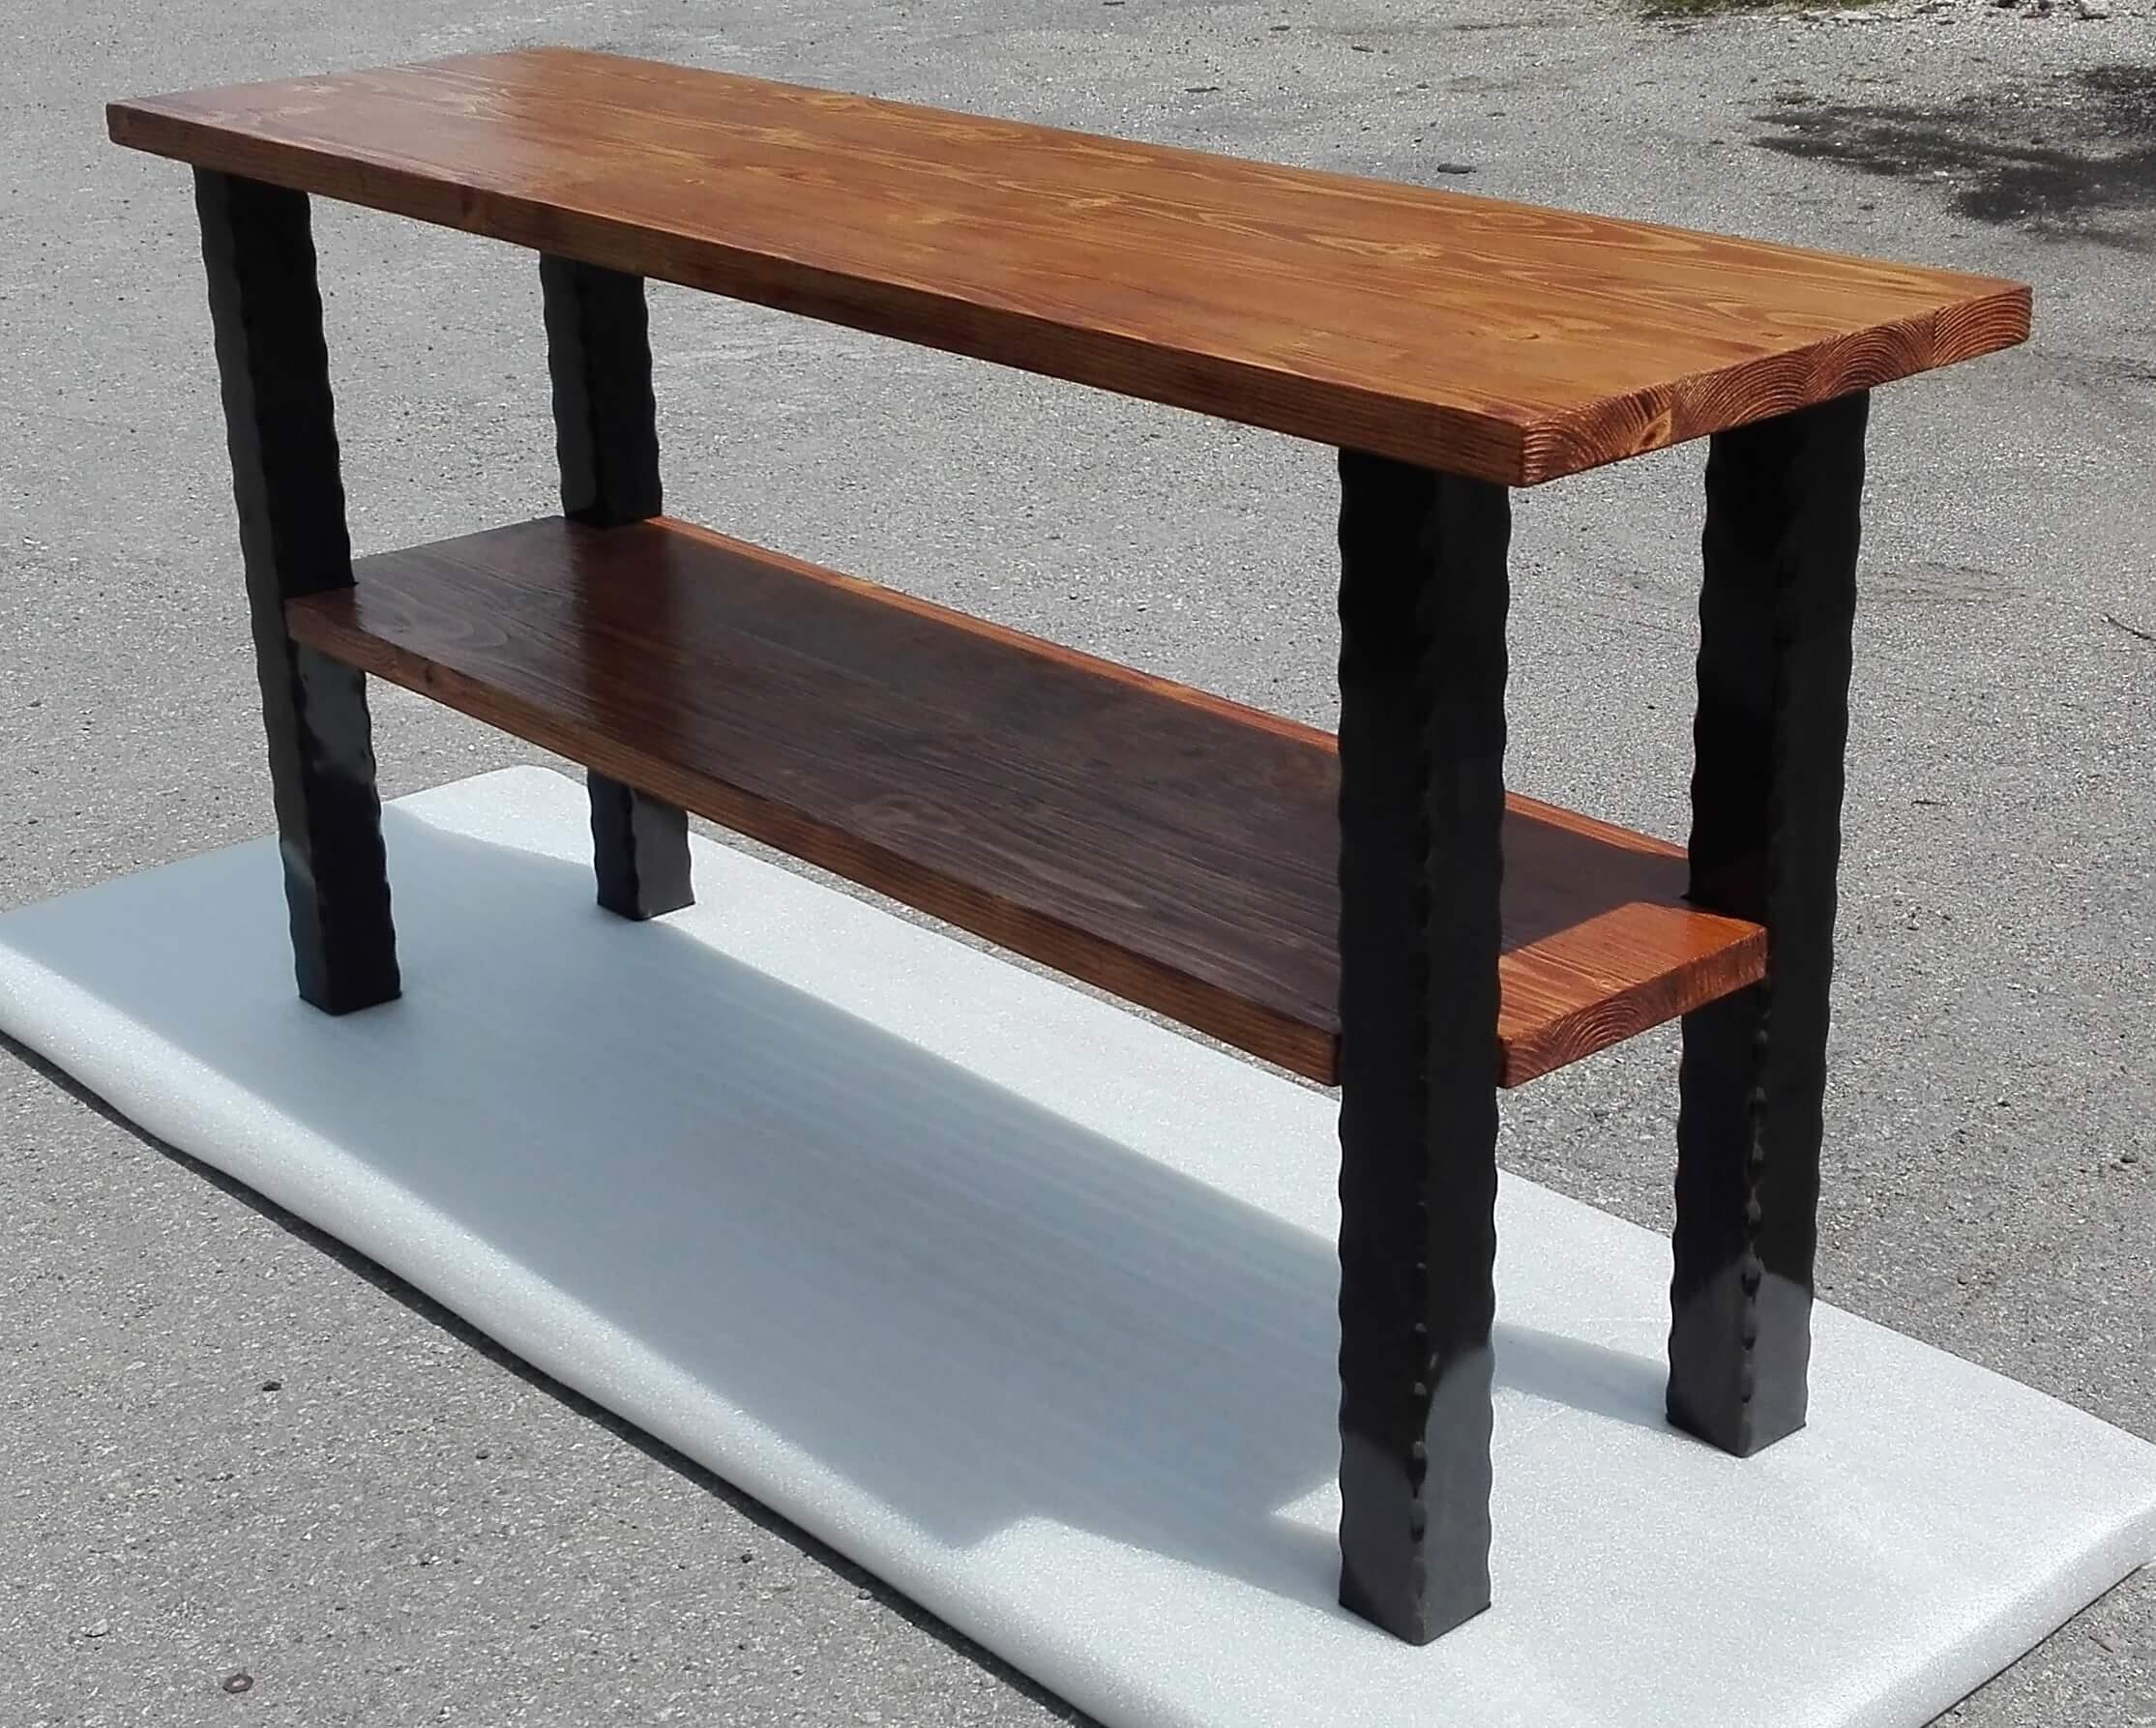 Kovaný pracovný stôl, Vintage stôl, Rustikálny stôl, pracovný pult, kovaný stôl, kovaný pult, Kovaný pracovní stůl, Rustikální stůl, pracovní pult, kovaný stůl, Forged workbench, Geschmiedete Werkbank